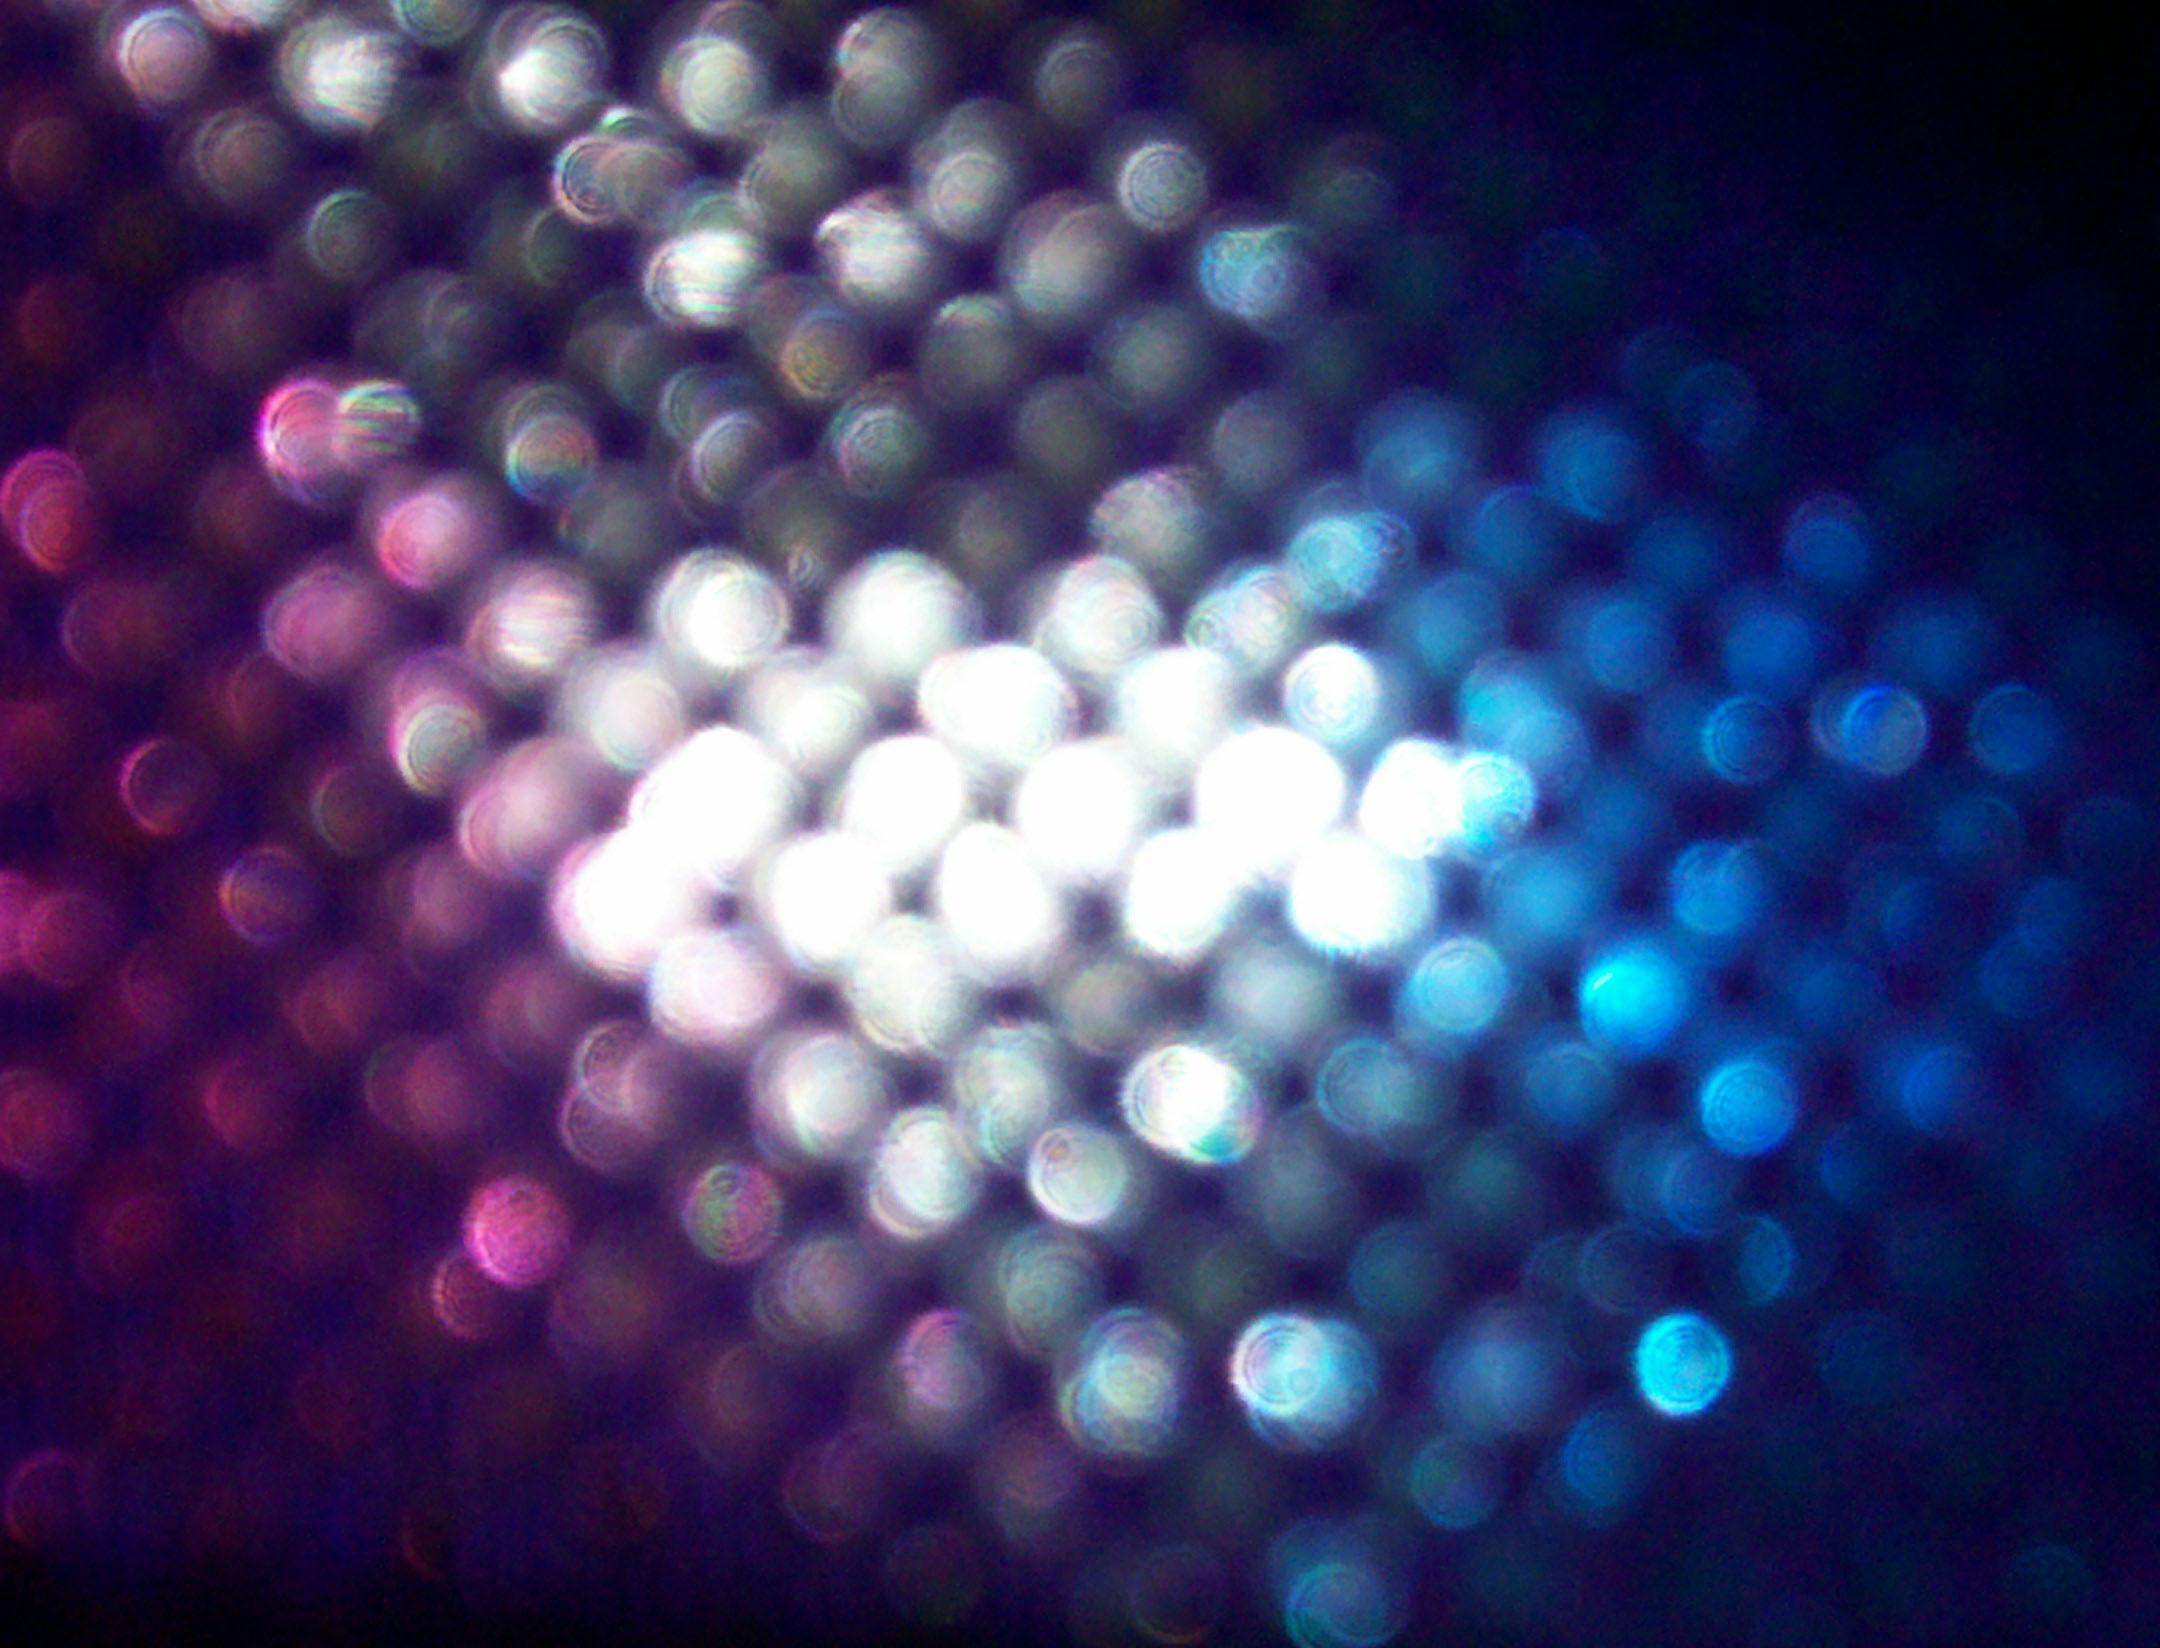 分享一些光斑素材图片